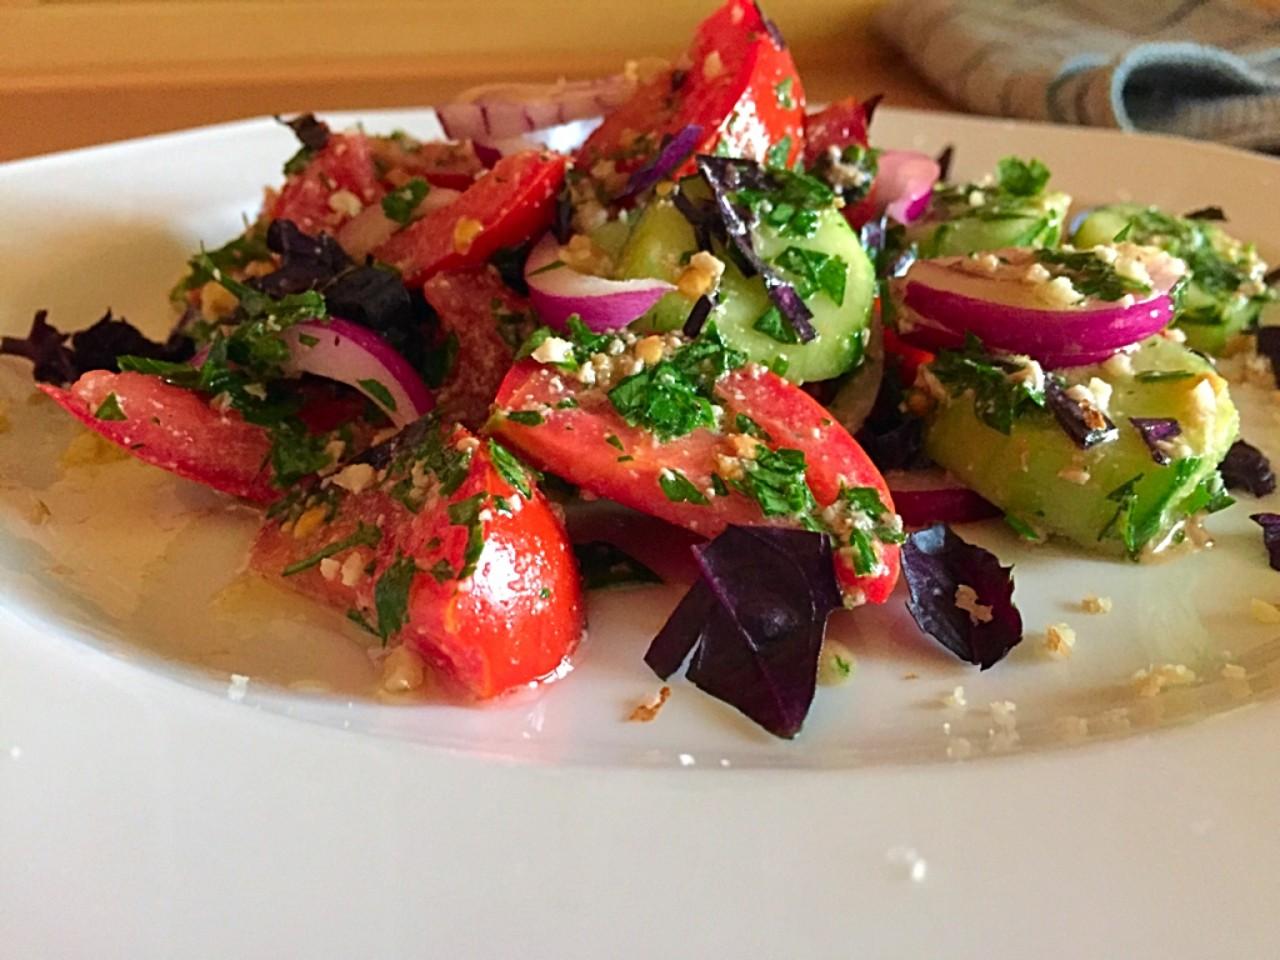 Овощной салат по-грузински. Или новый взгляд на обычный салат